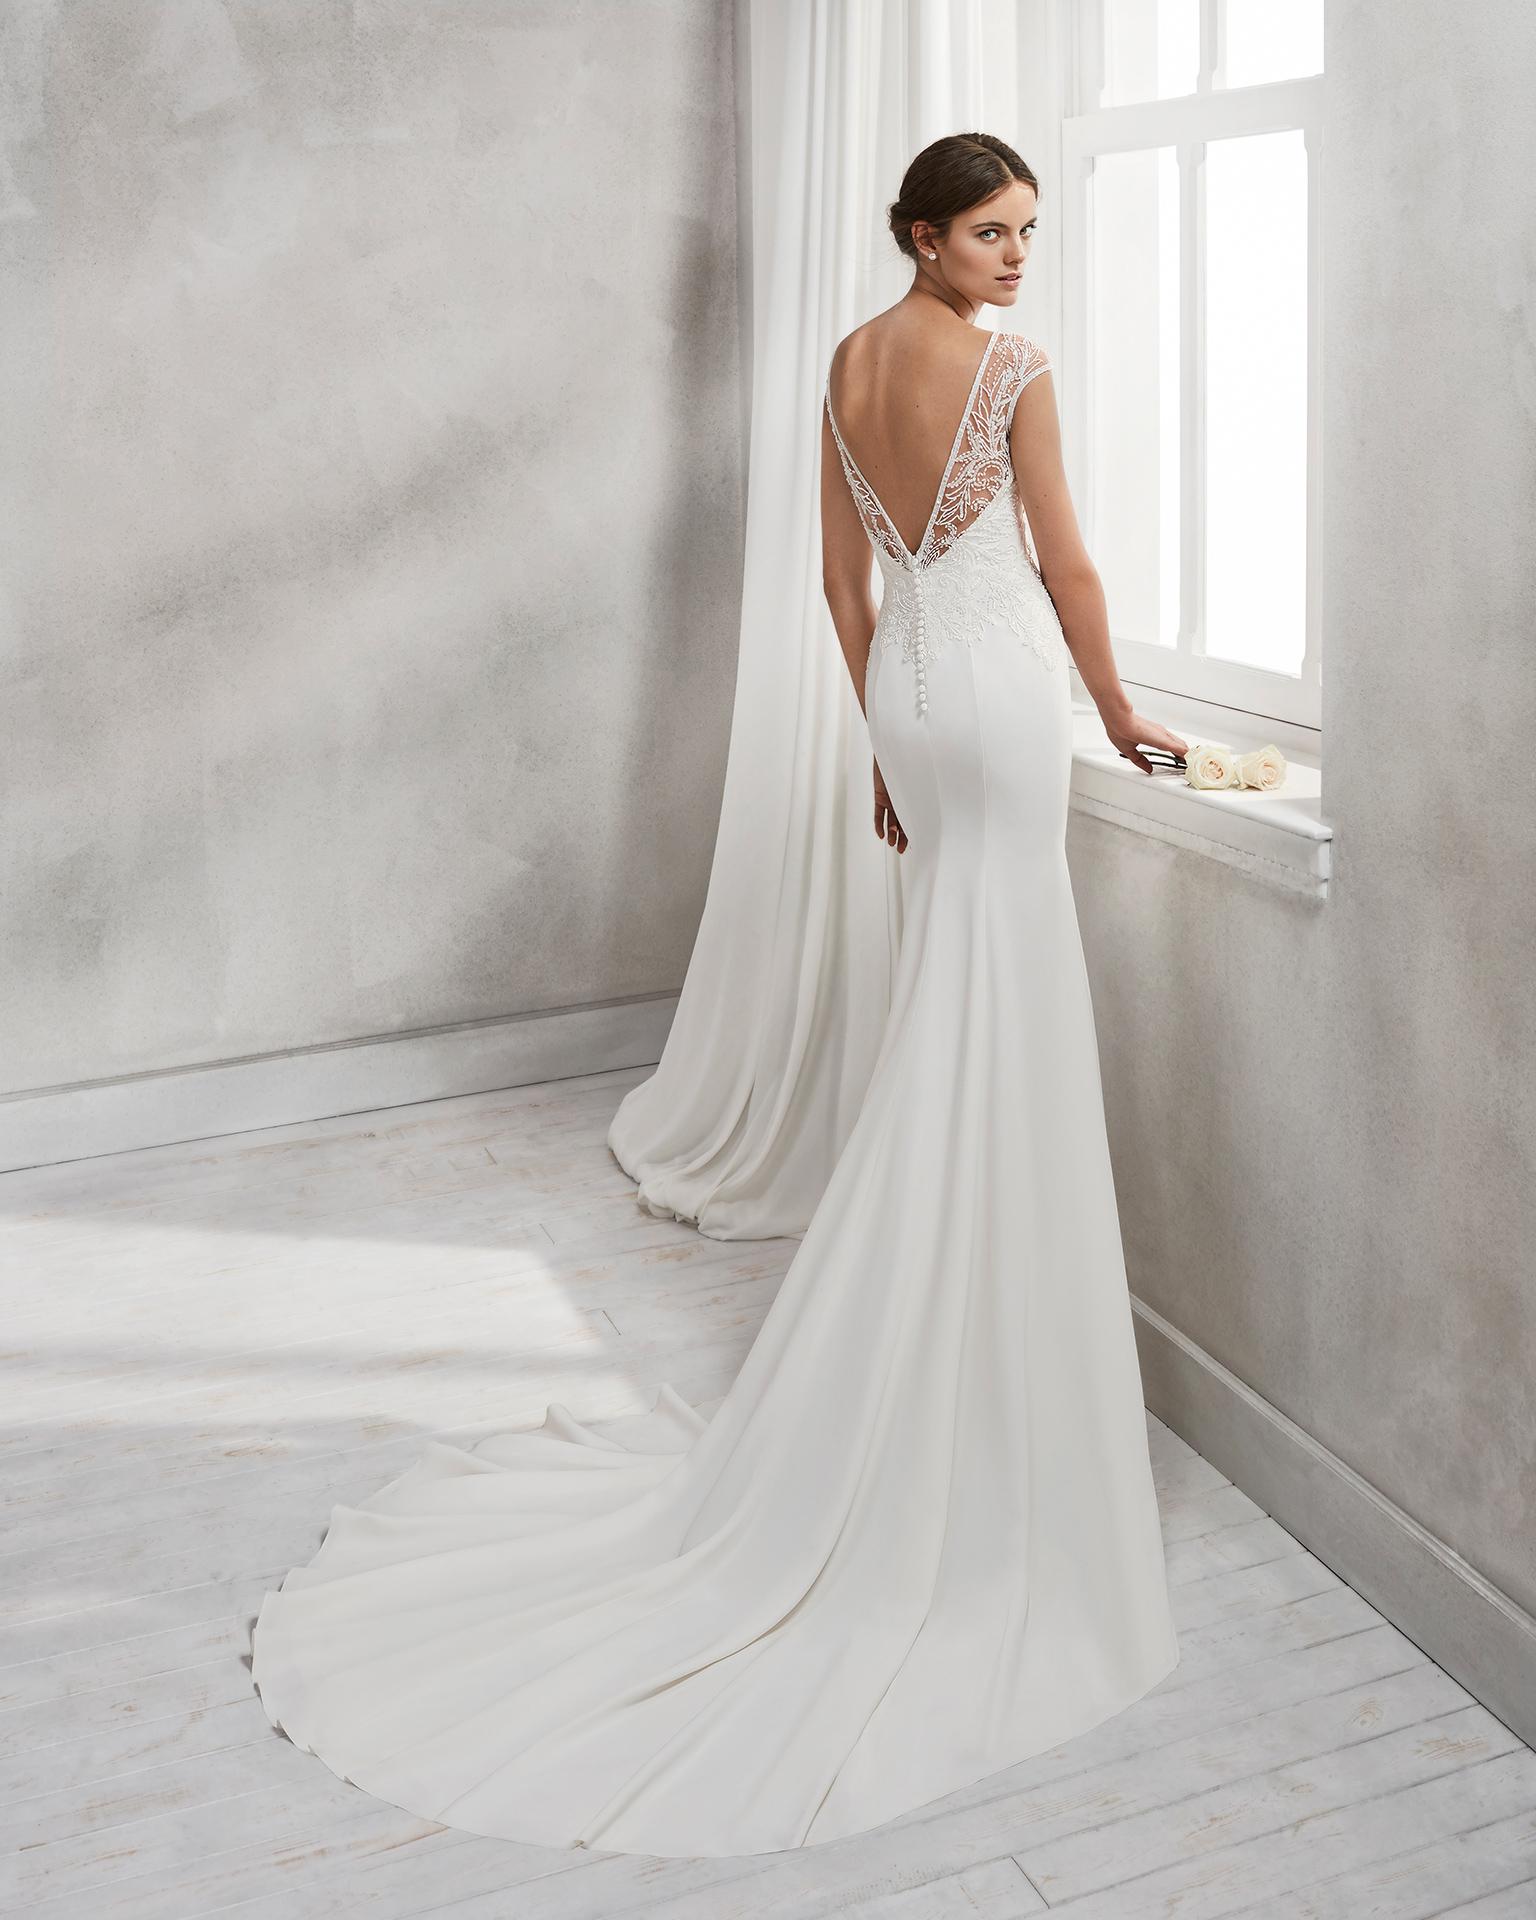 e838303234b3 Noi ti aspettiamo in boutique per provare di persona questi stupendi abiti  e trovare quello che più esalta la tua naturale bellezza.